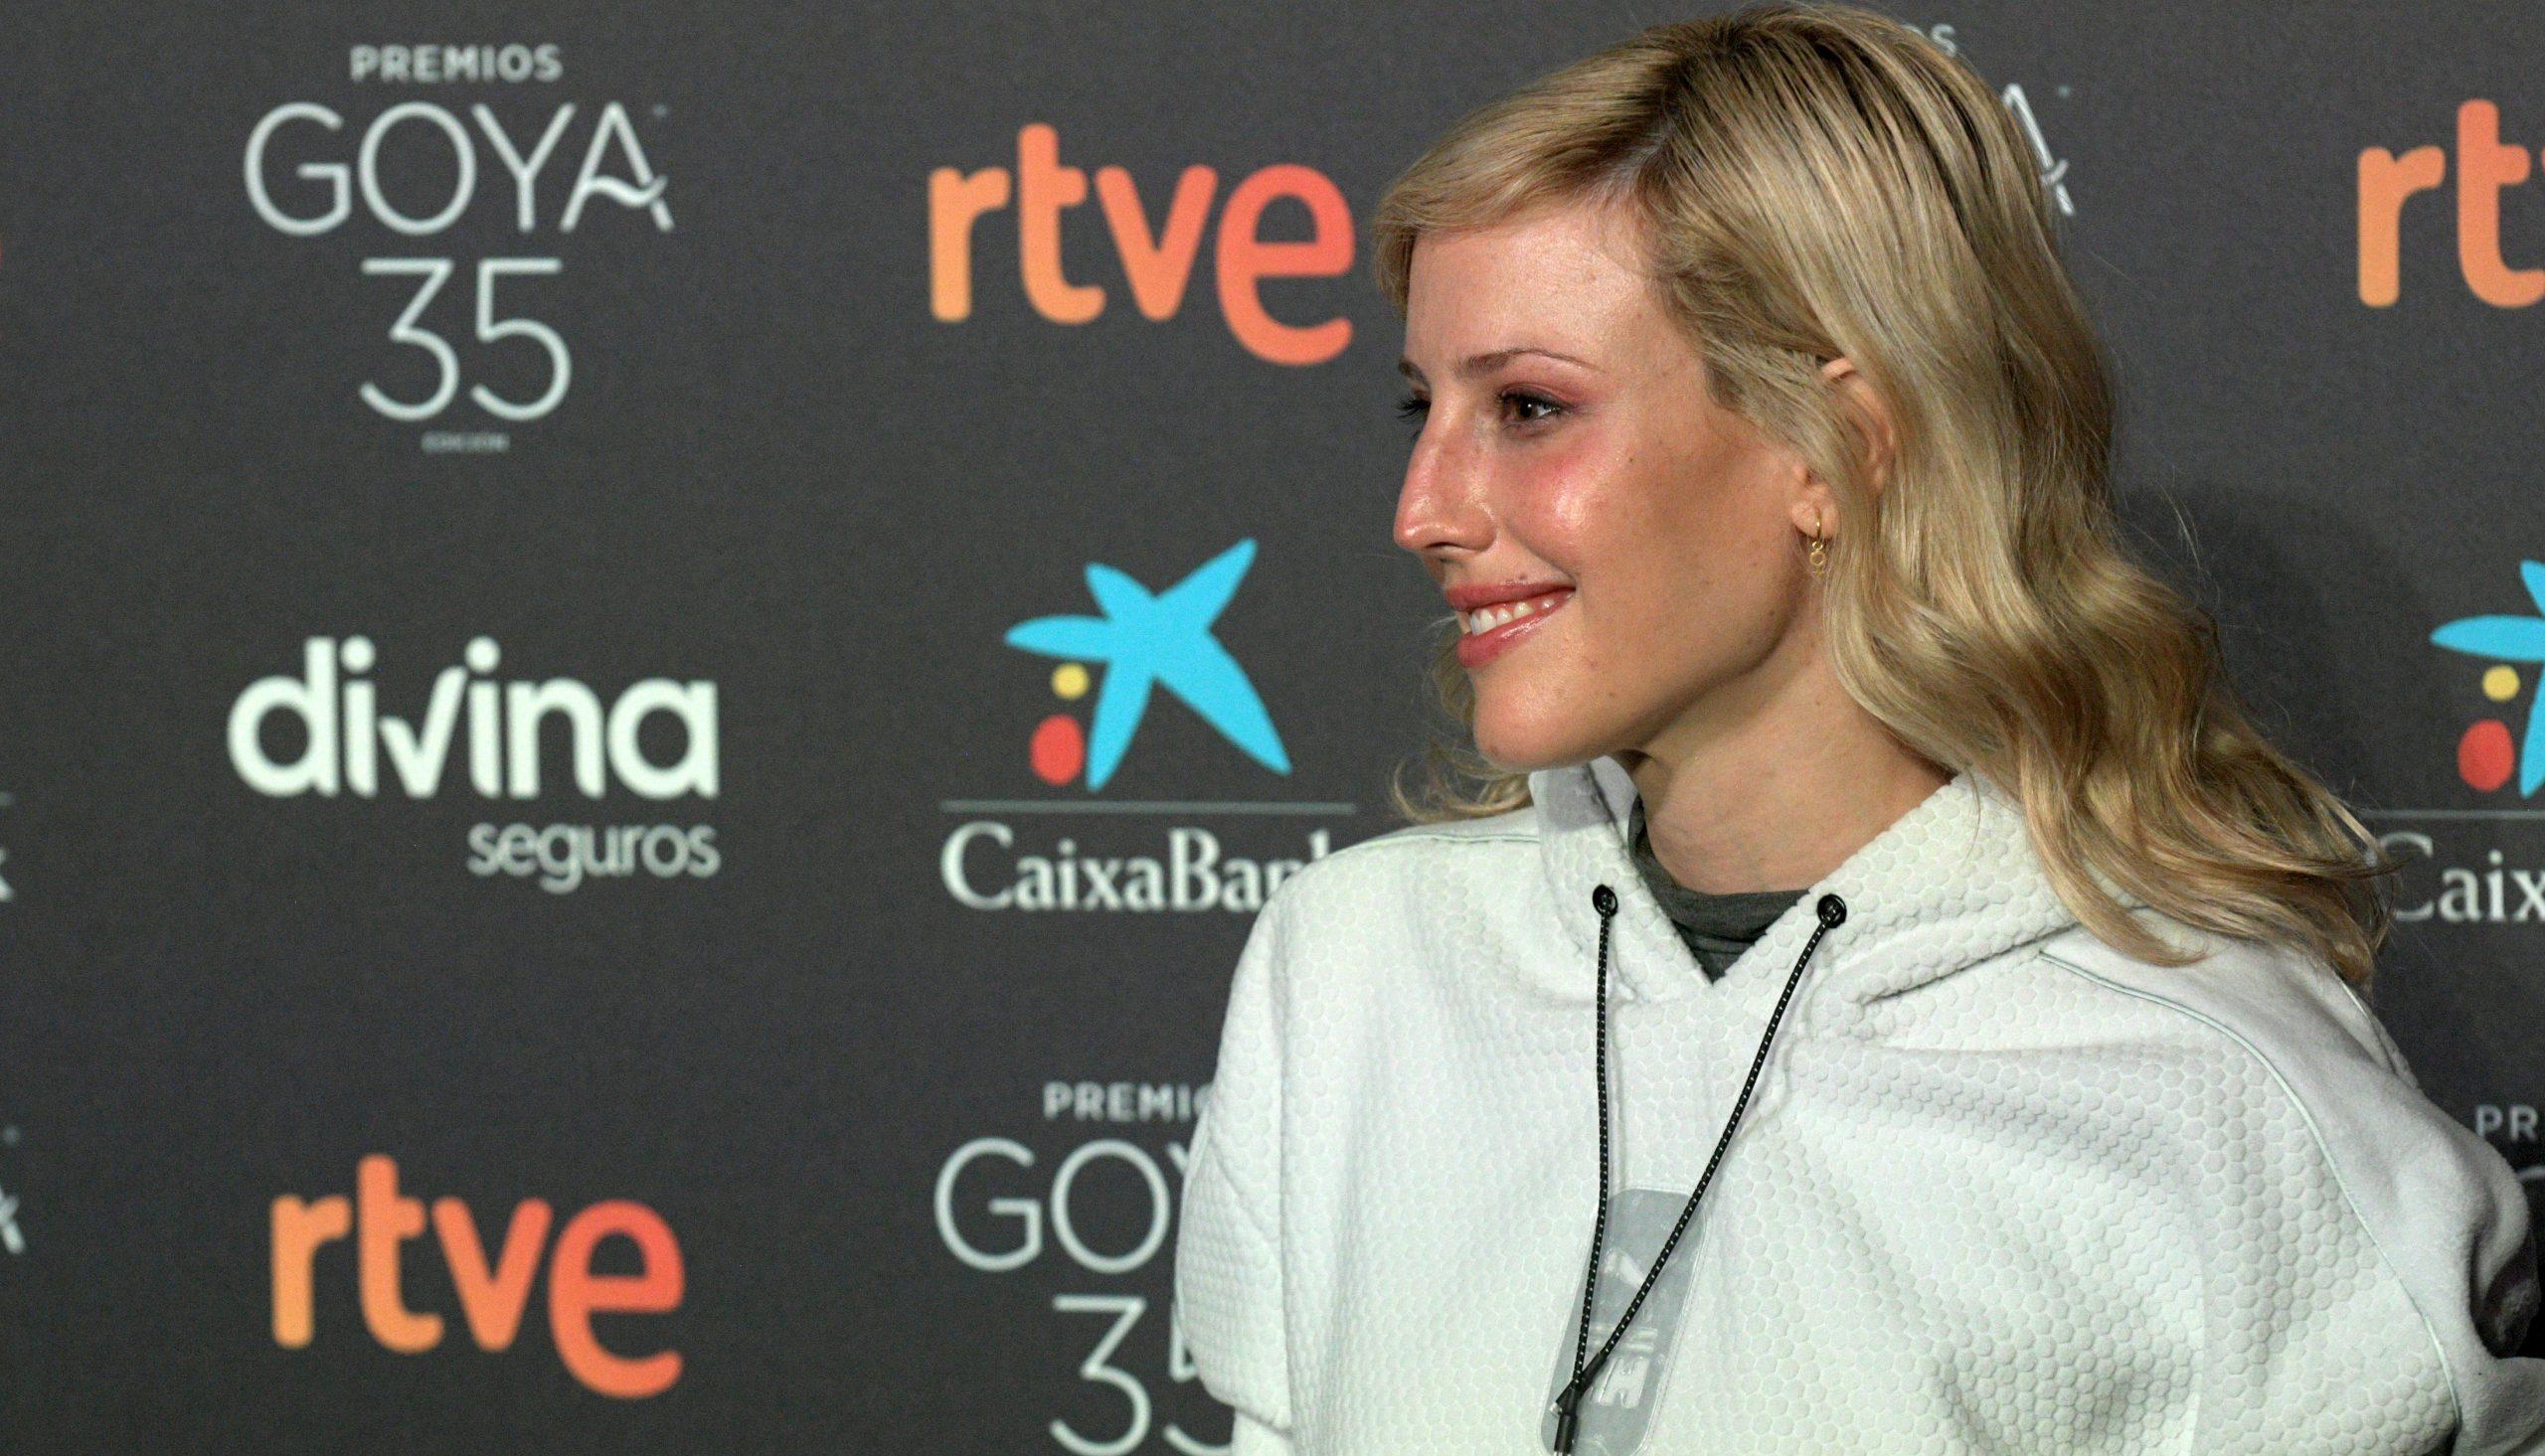 Natalia de Molina, en els premis Goya del 2021 - Europa Press